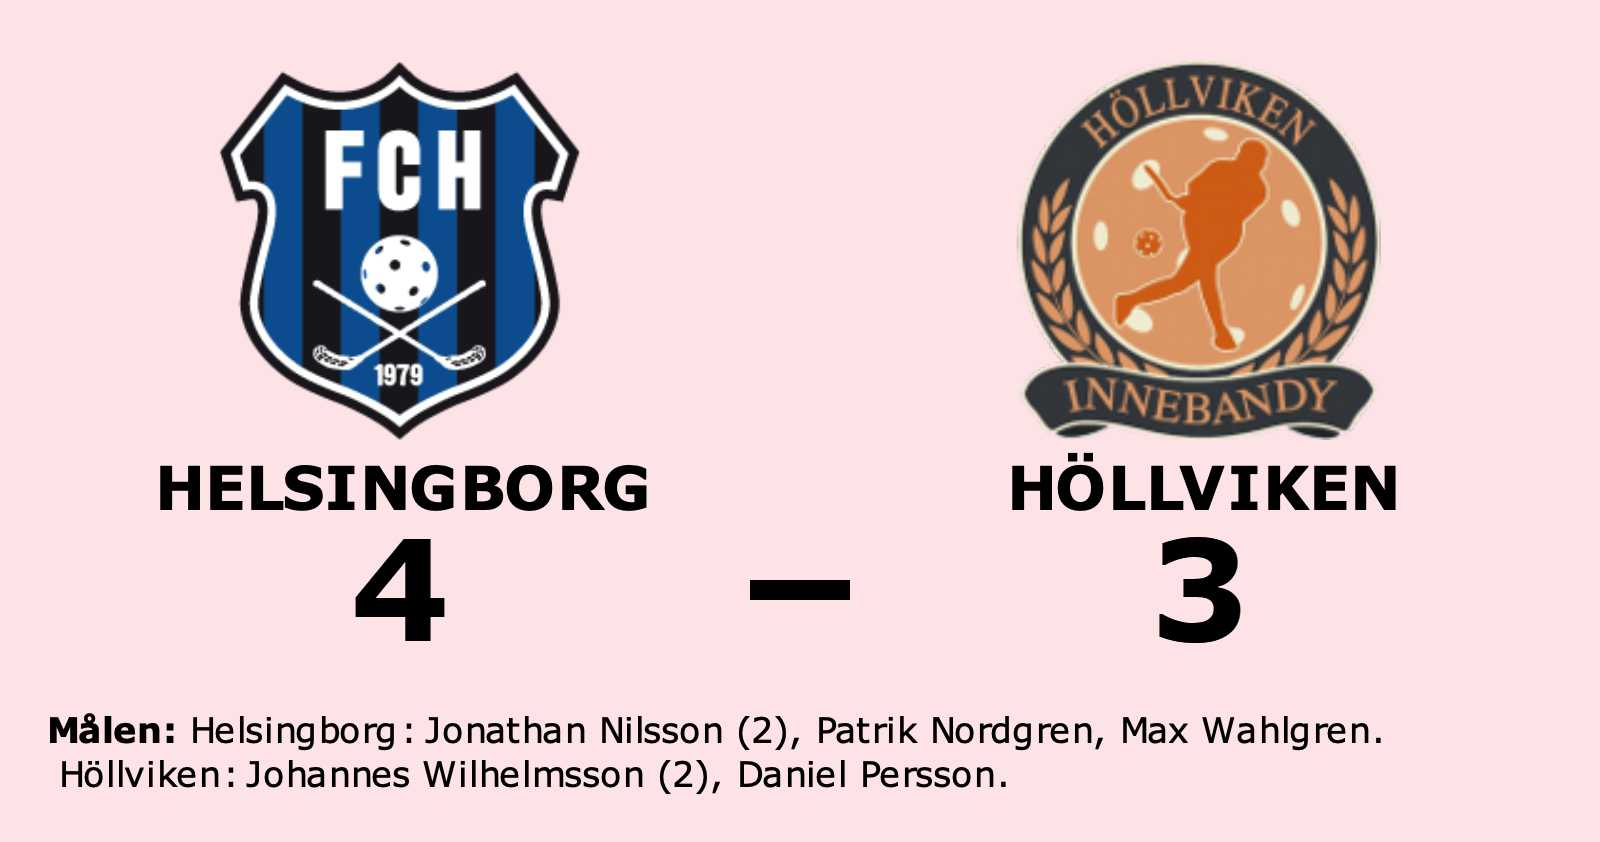 Helsingborg starkast i straffläggningen mot Höllviken